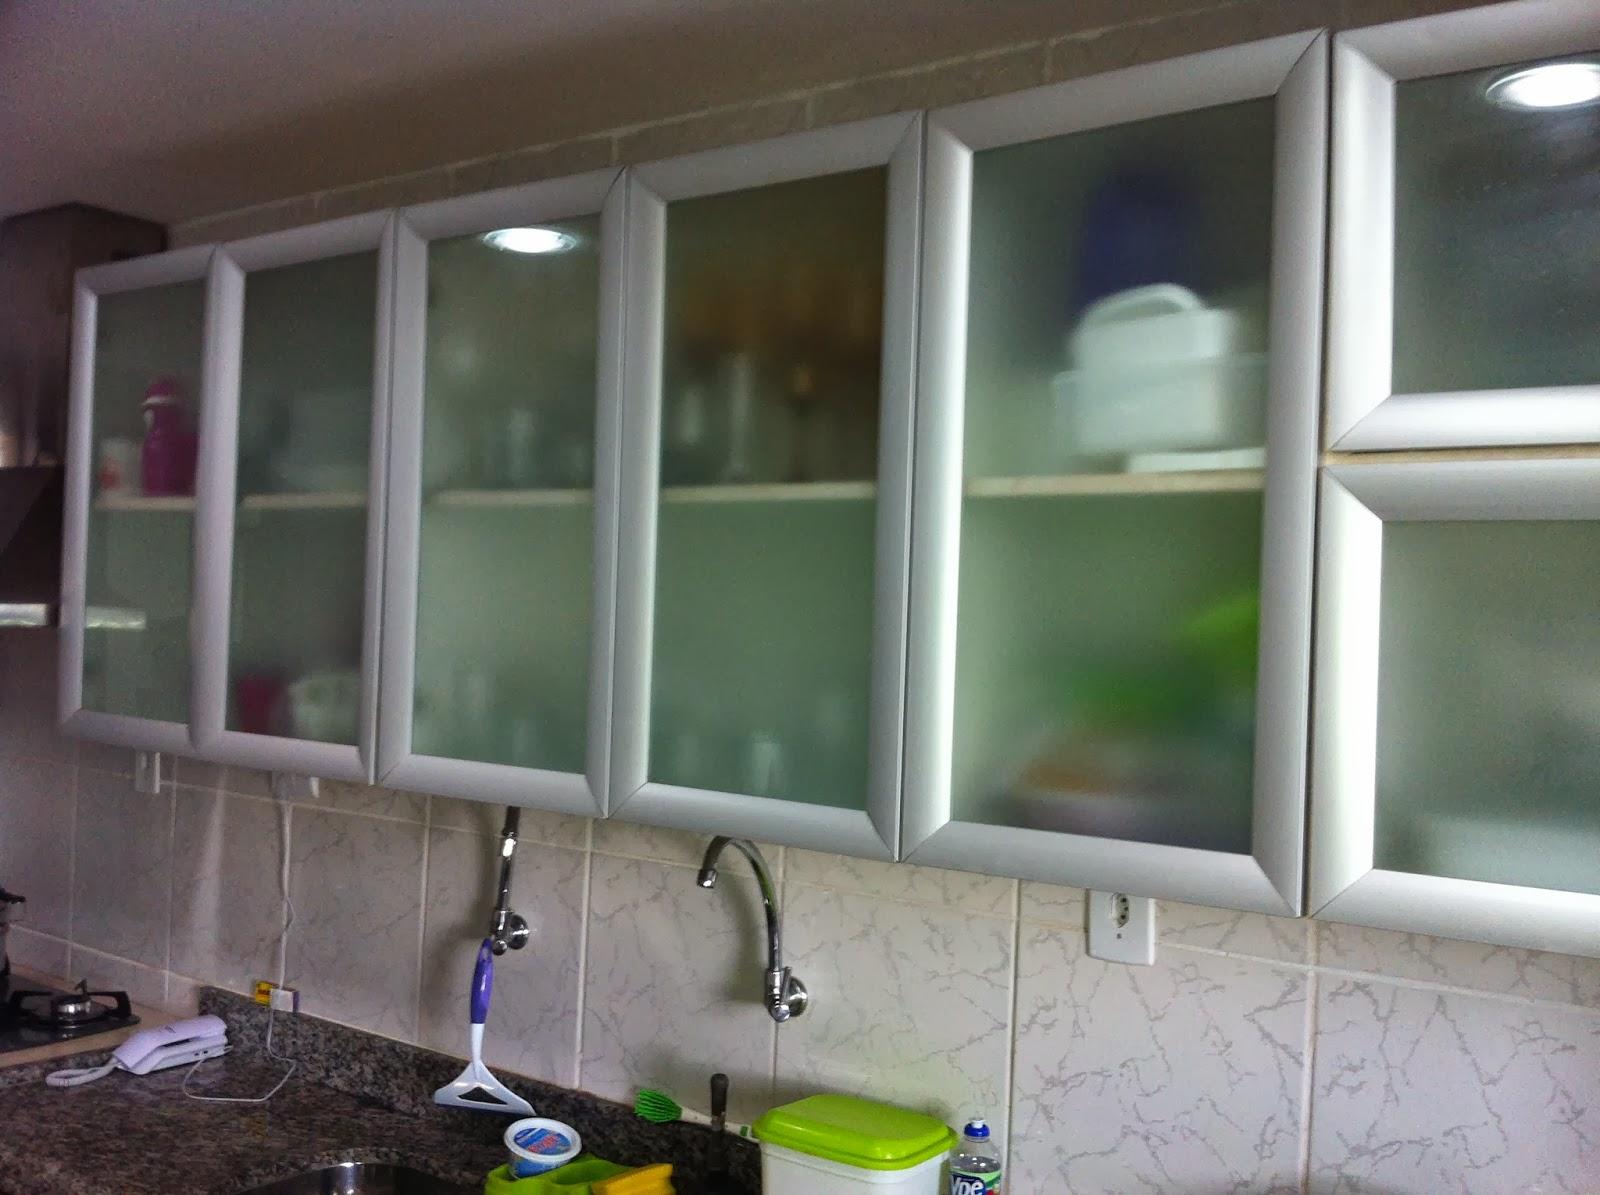 cozinha planejada com forno e microondas embutidos #606845 1600 1195